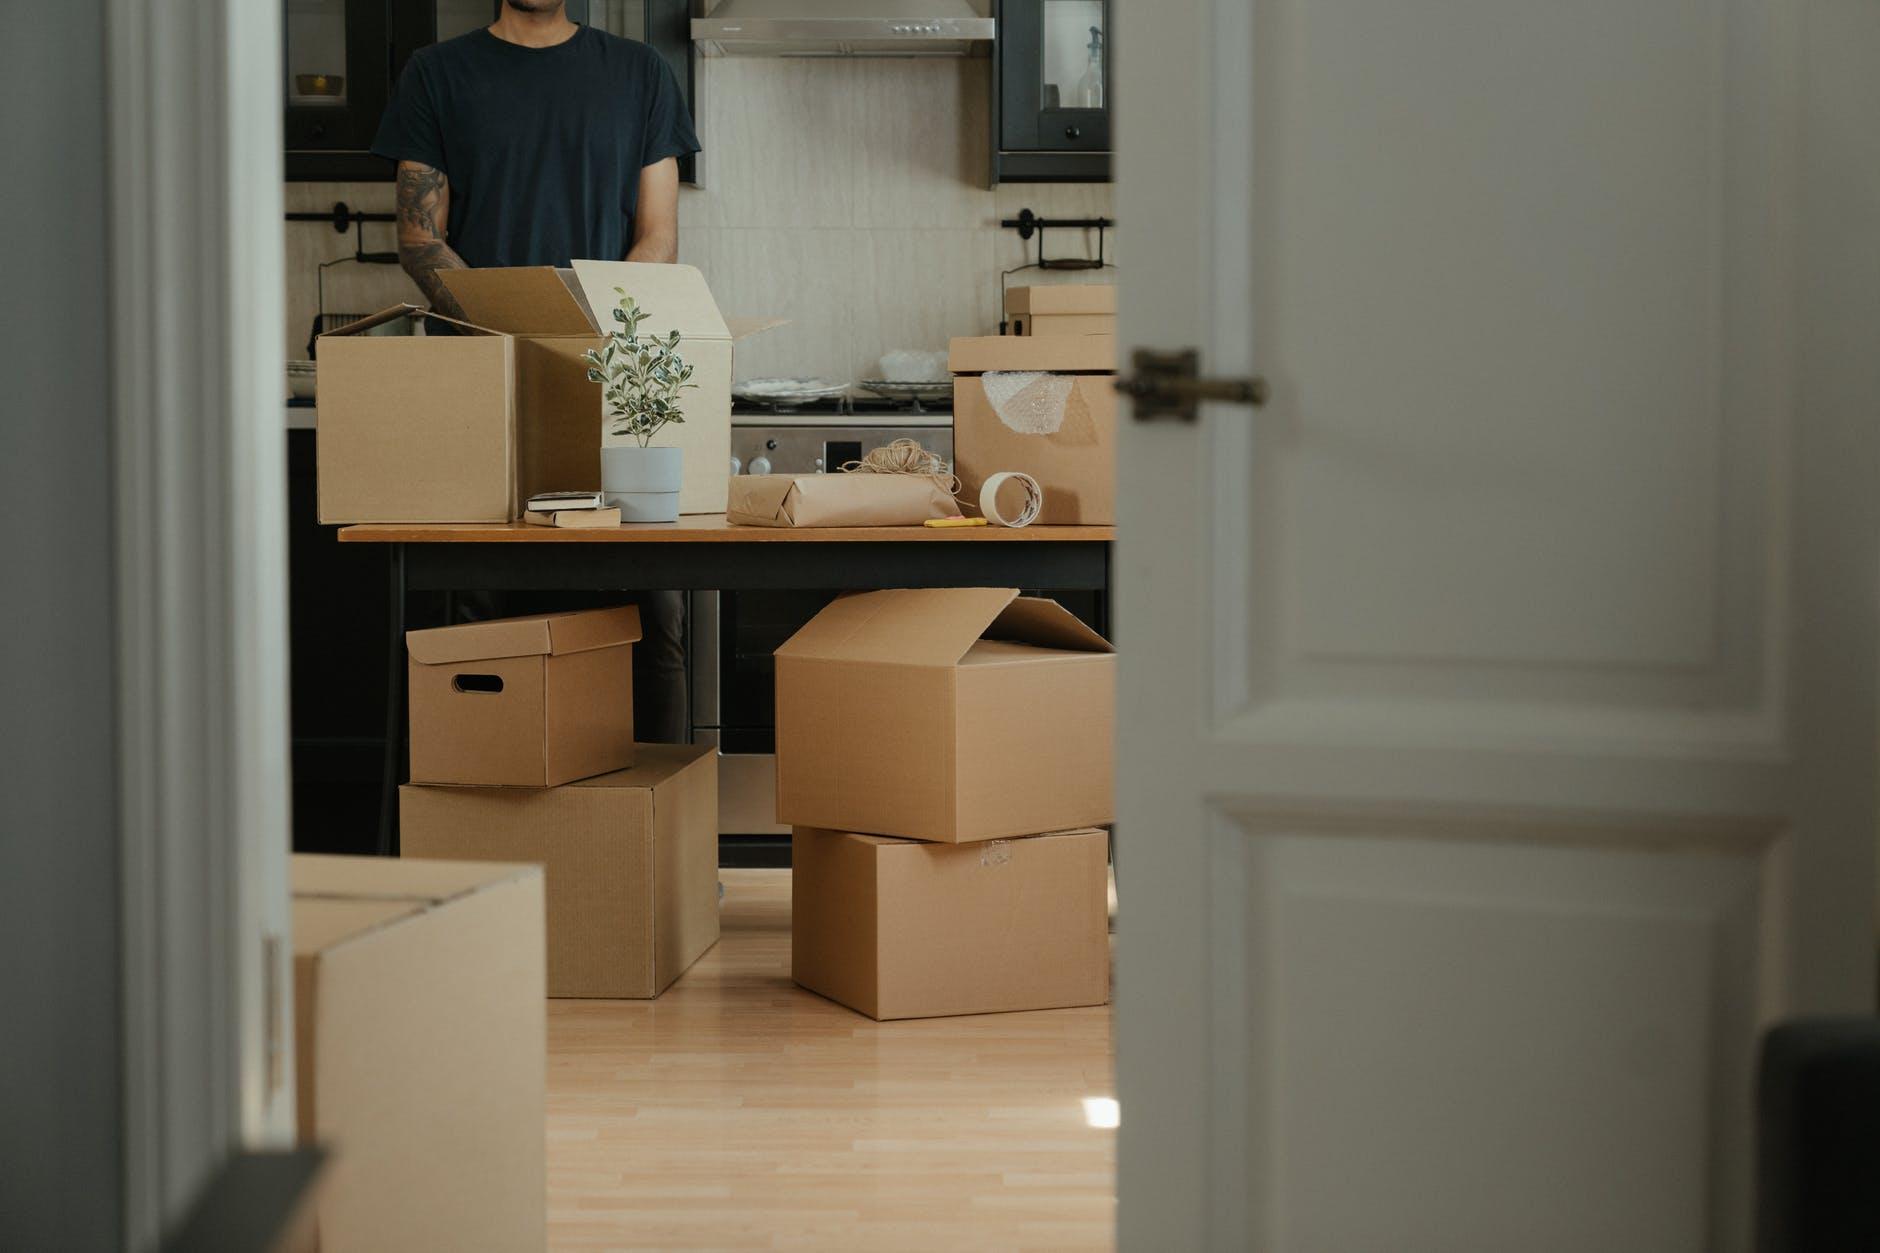 Выбираем упаковку для переезда: коробки, плёнка, сумки